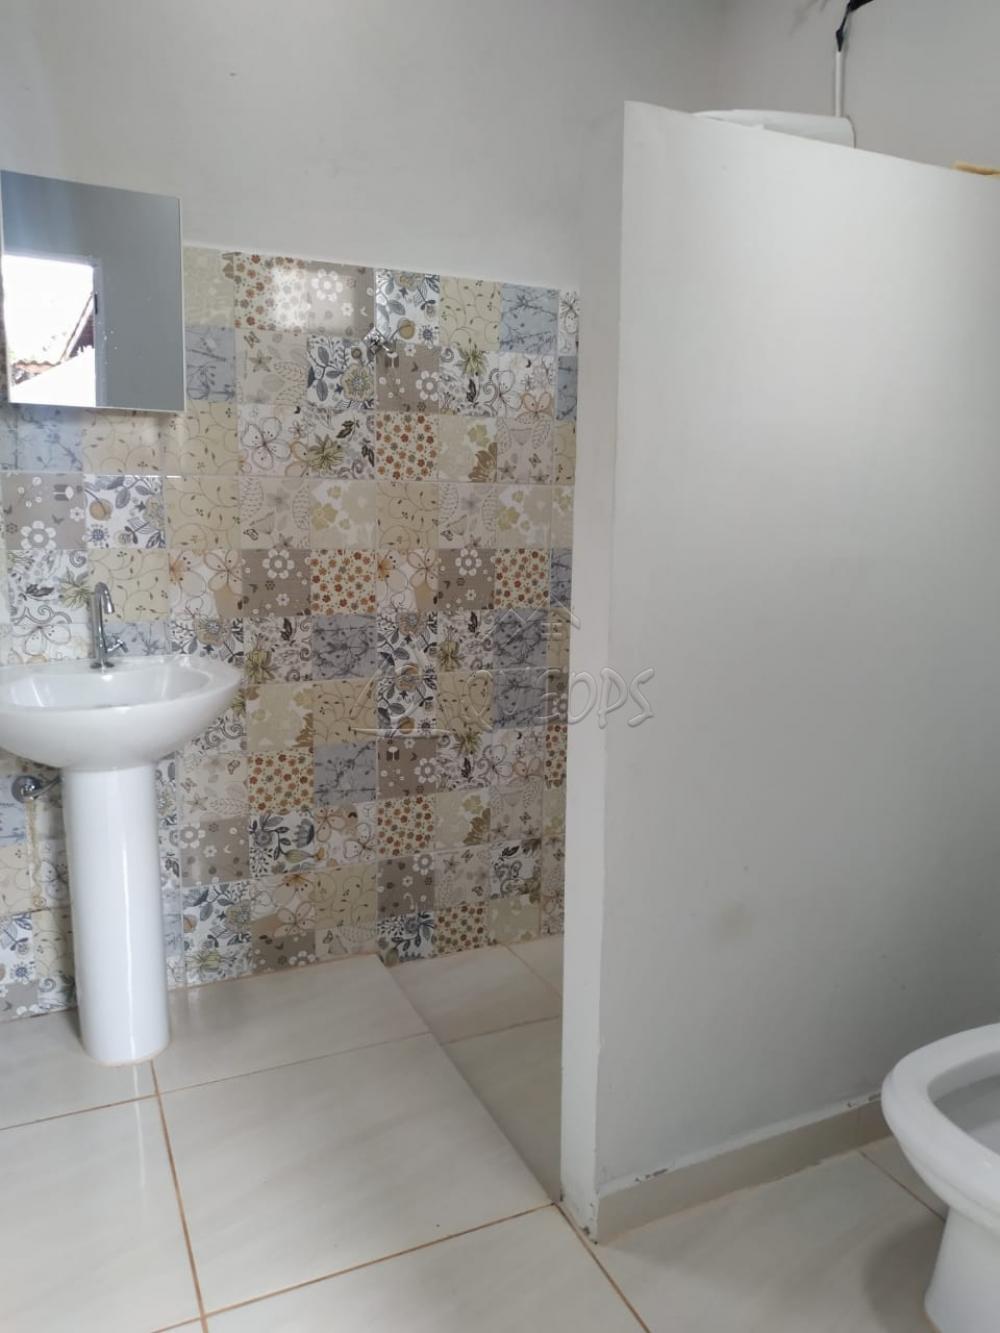 Comprar Casa / Padrão em Barretos apenas R$ 230.000,00 - Foto 13